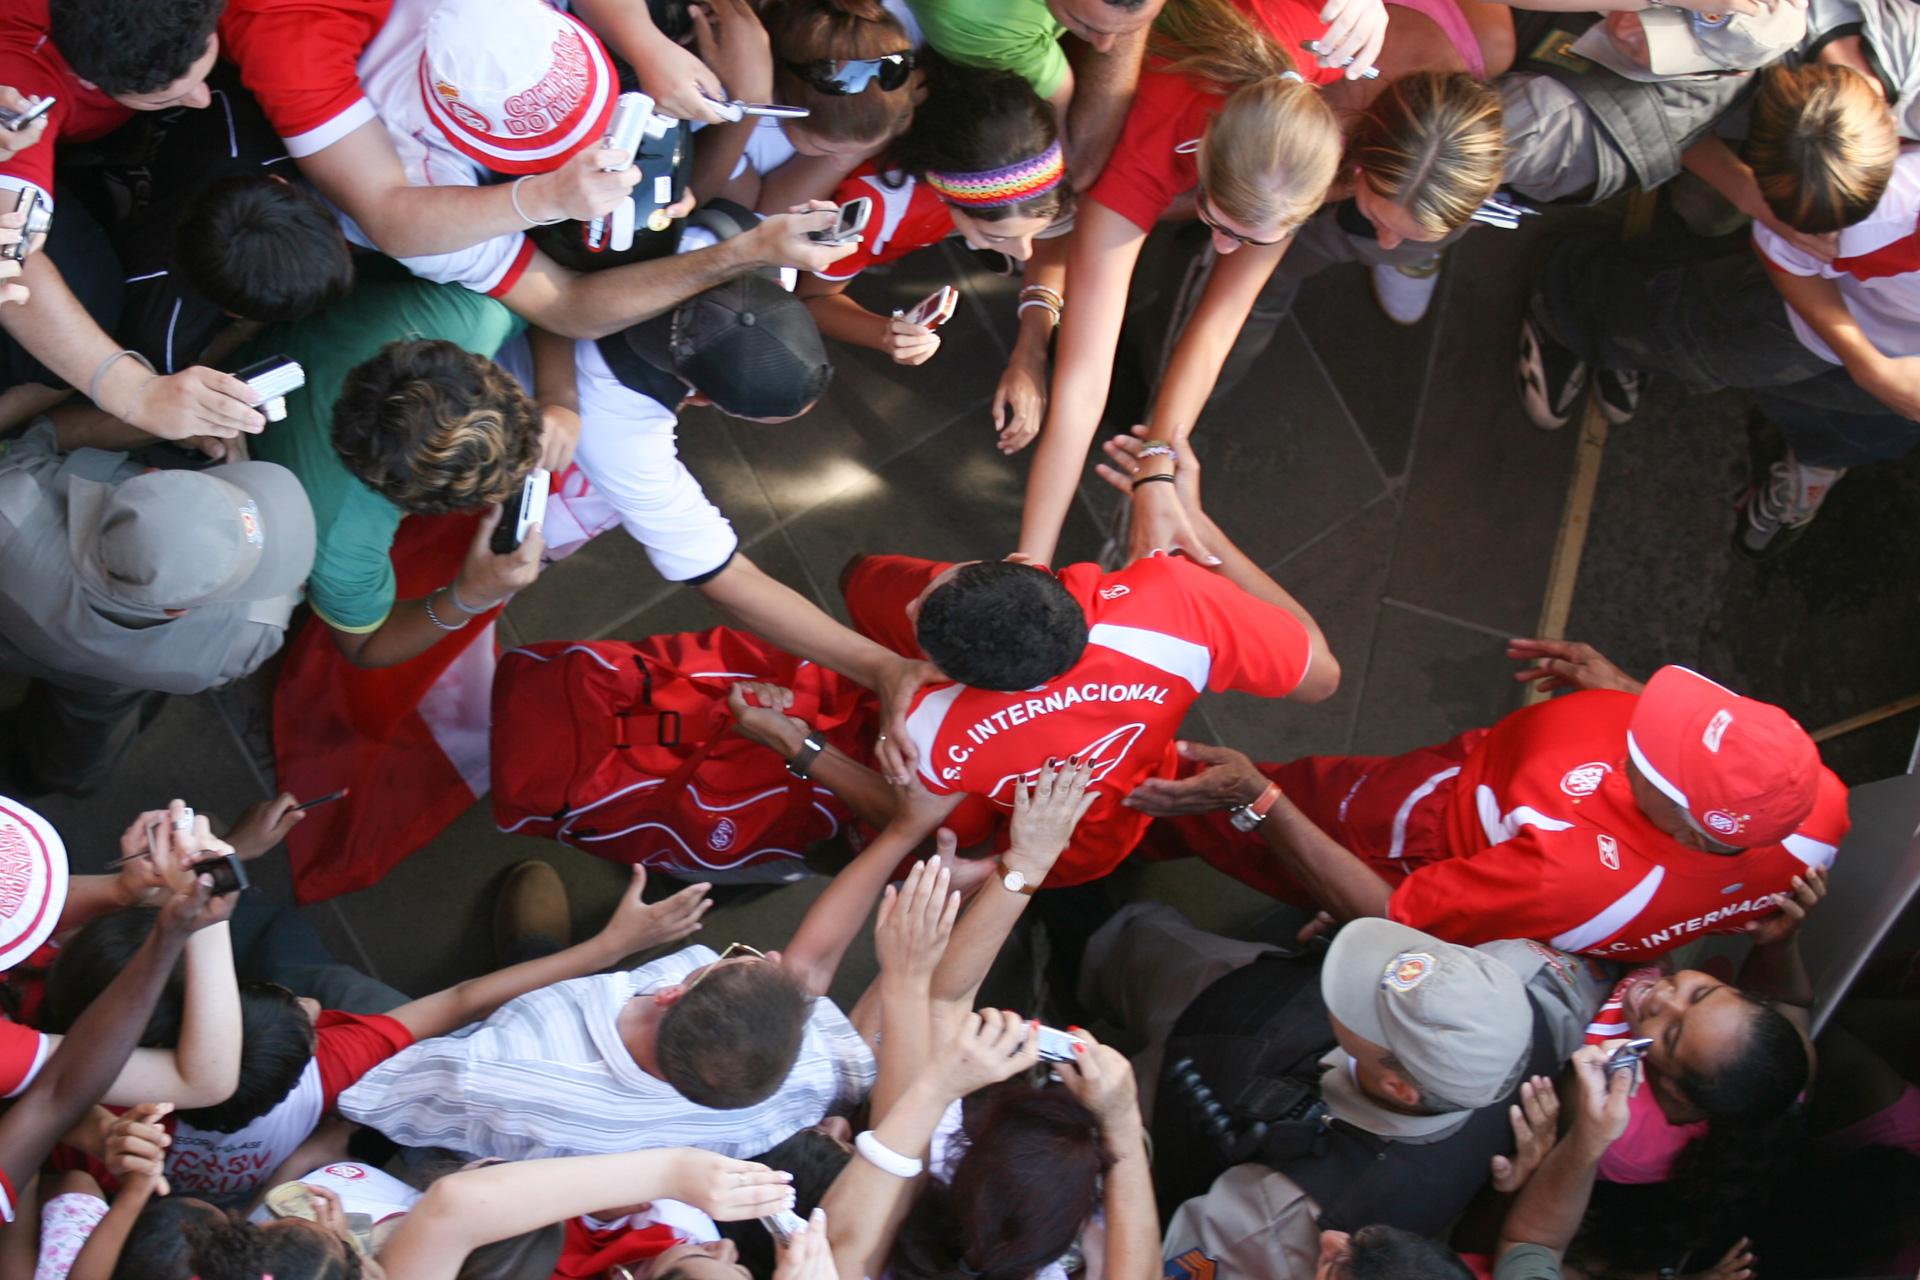 Jogadores do Internacional, RS 2009